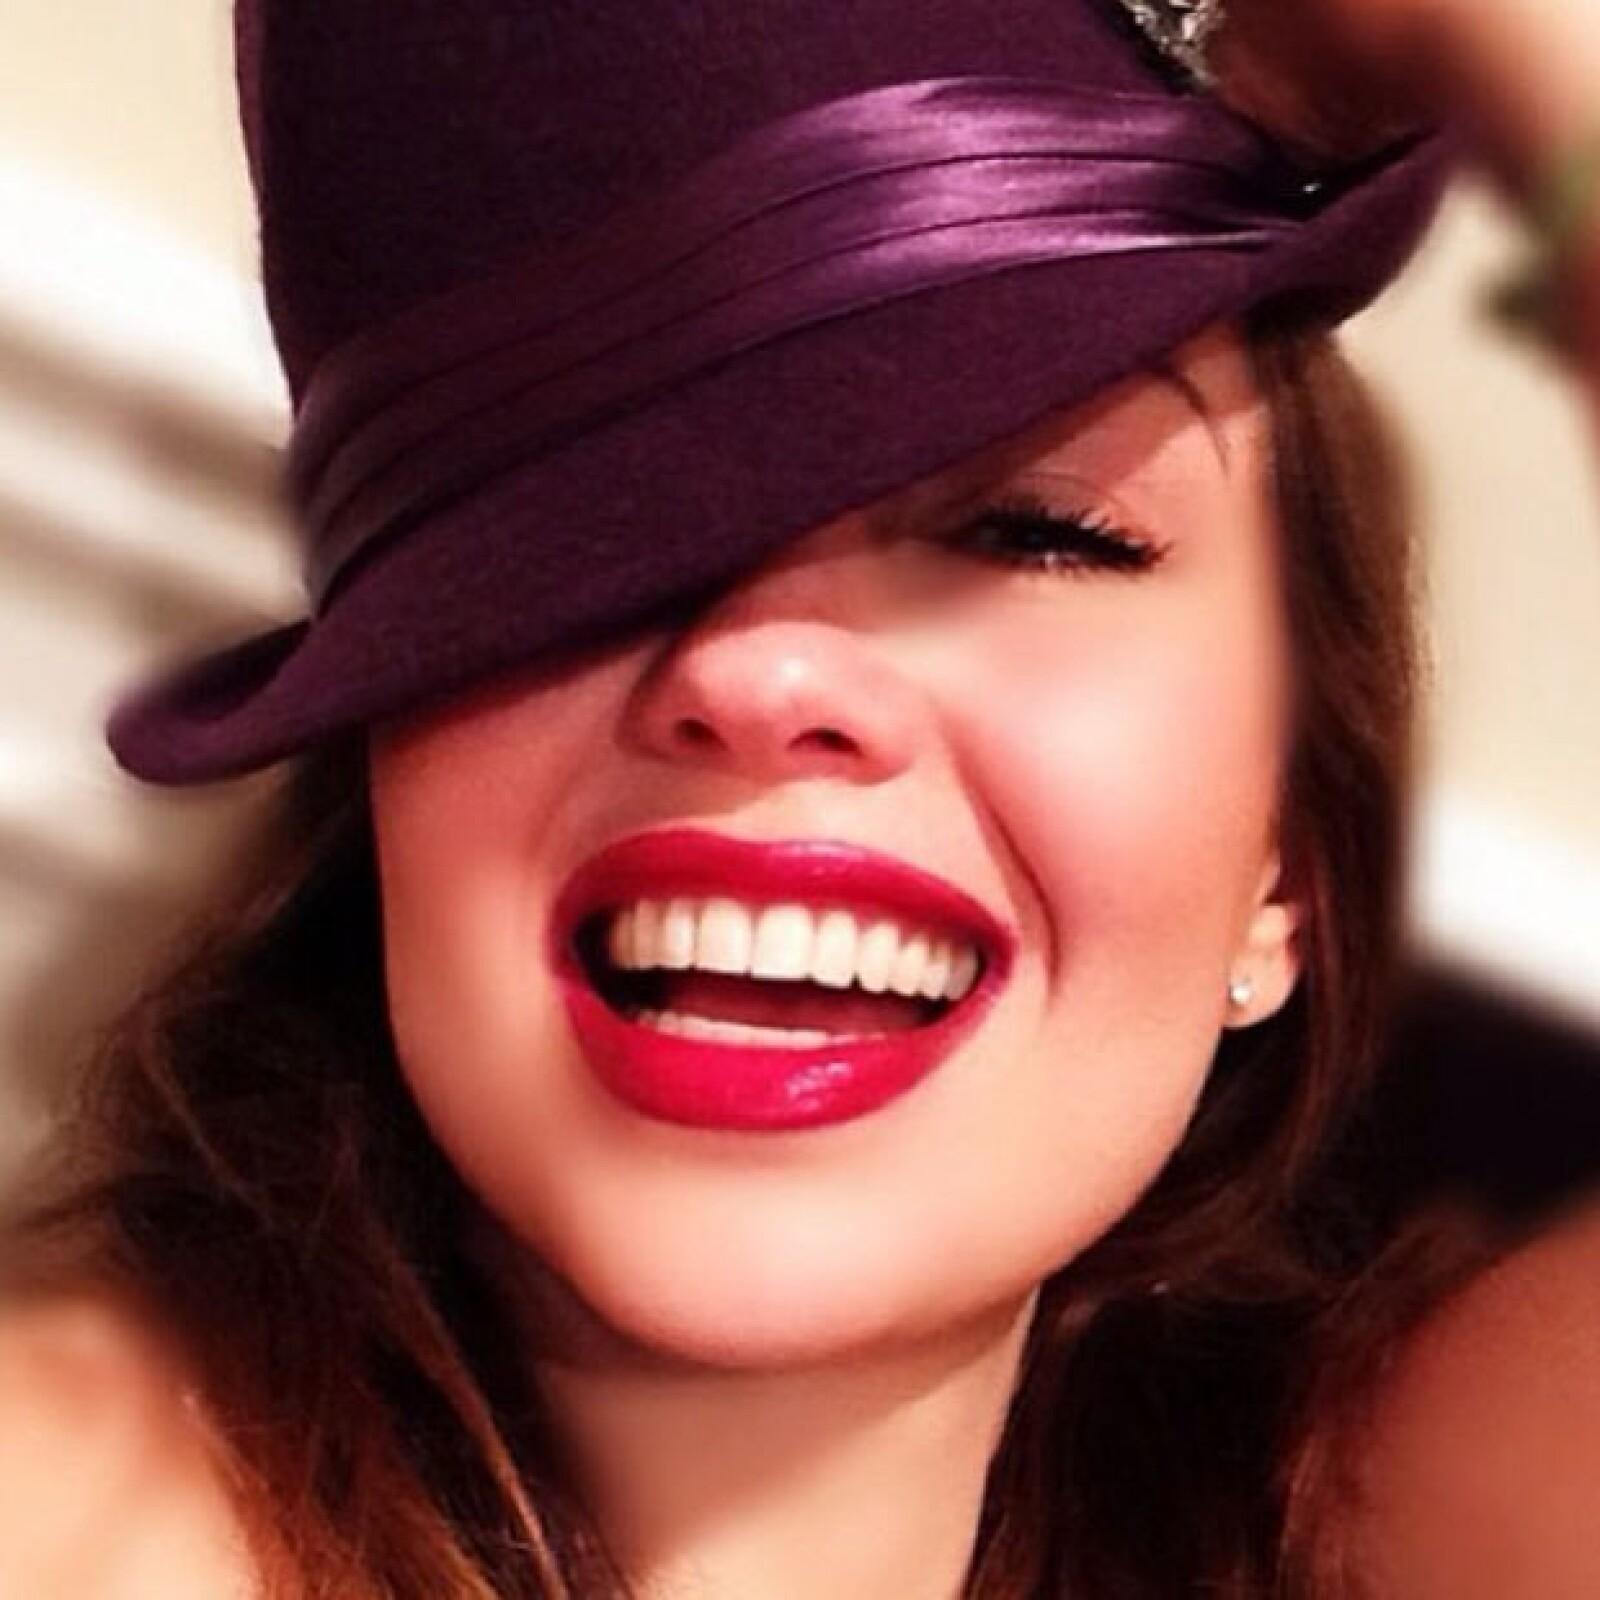 `Feliz día del amoooor! Feliz día de la amistad! Los amooo mis amores, mis amigos virtuales´, posteó Thalía en Twitter.